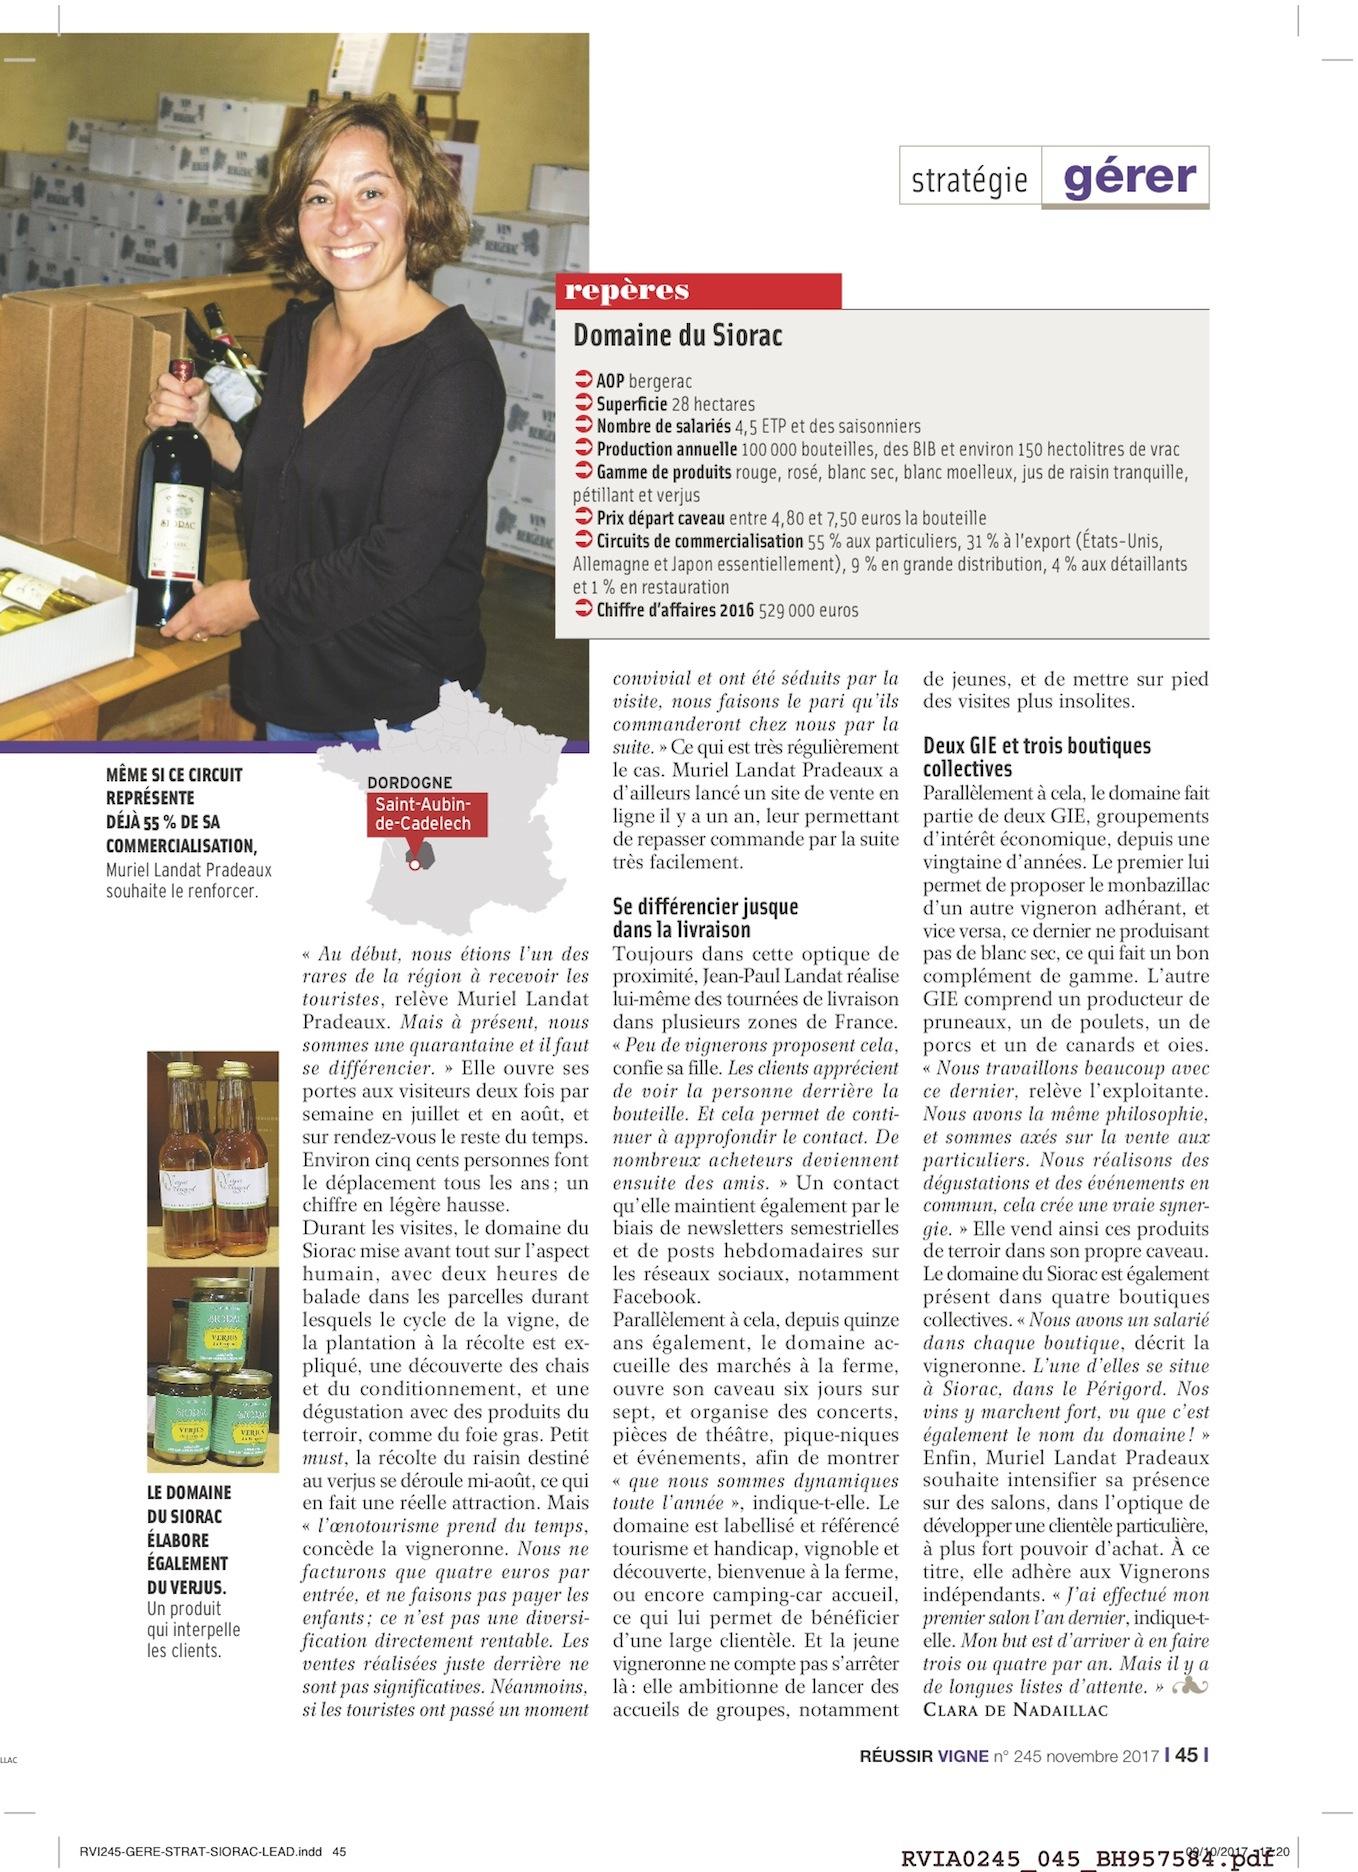 reussir-vigne-nov2017-p2